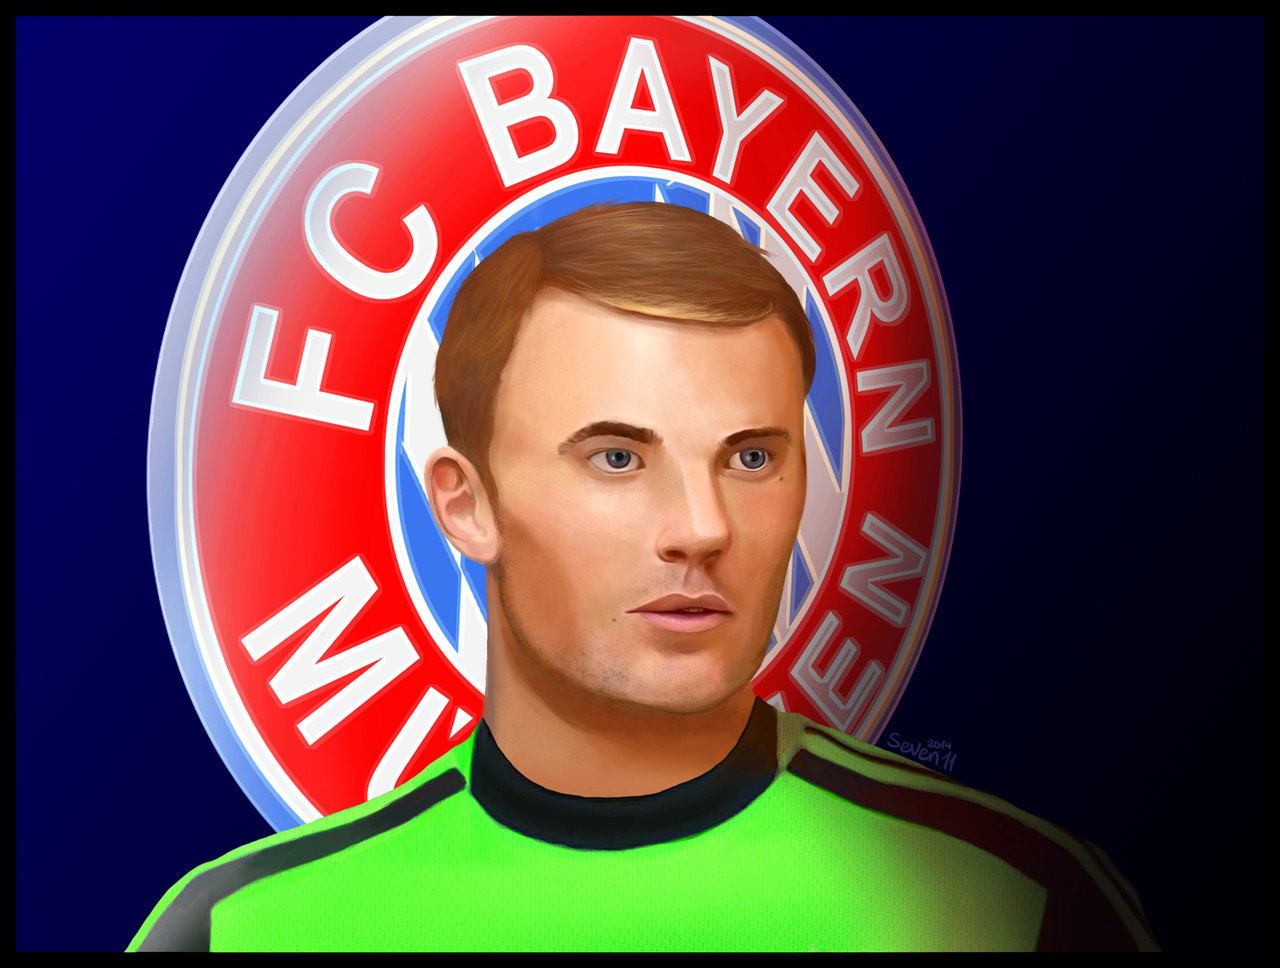 Manuel Neuer by seven11ART